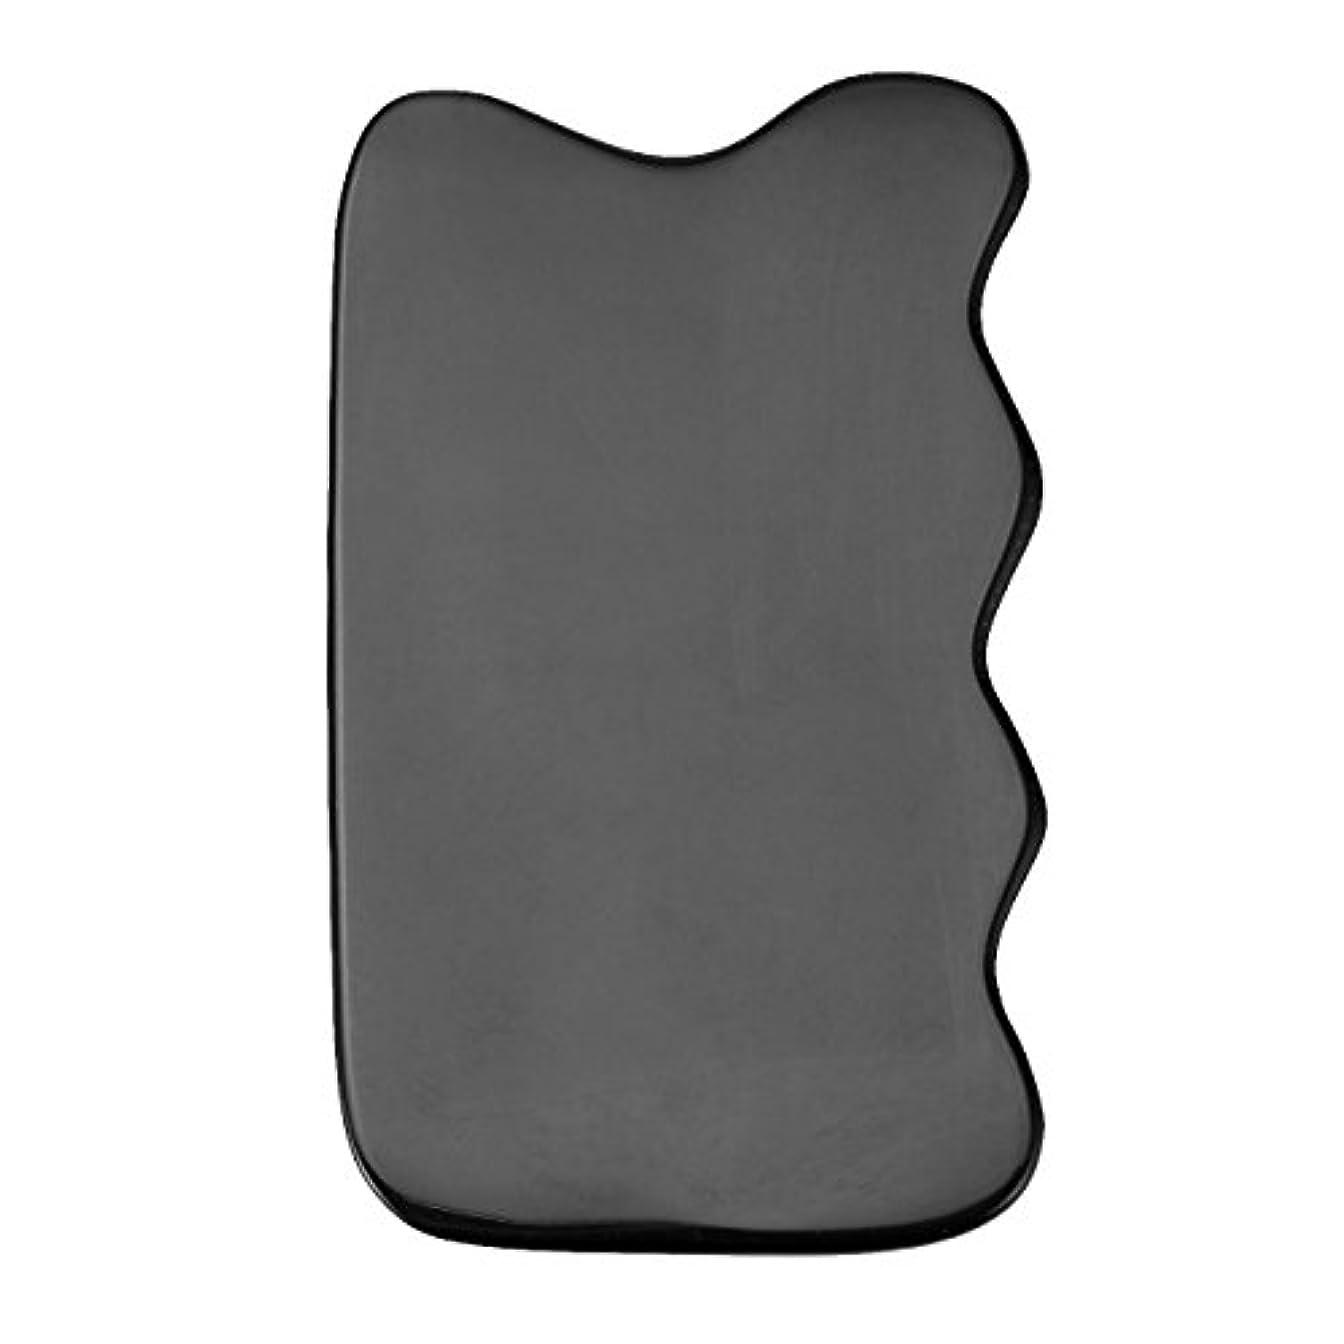 供給ガイド削るJovivi Mak カッサリフトプレート ブラック 牛角 パワーストーン カッサ板 美顔 カッサボード カッサマッサージ道具 ギフトバッグを提供 (波状)